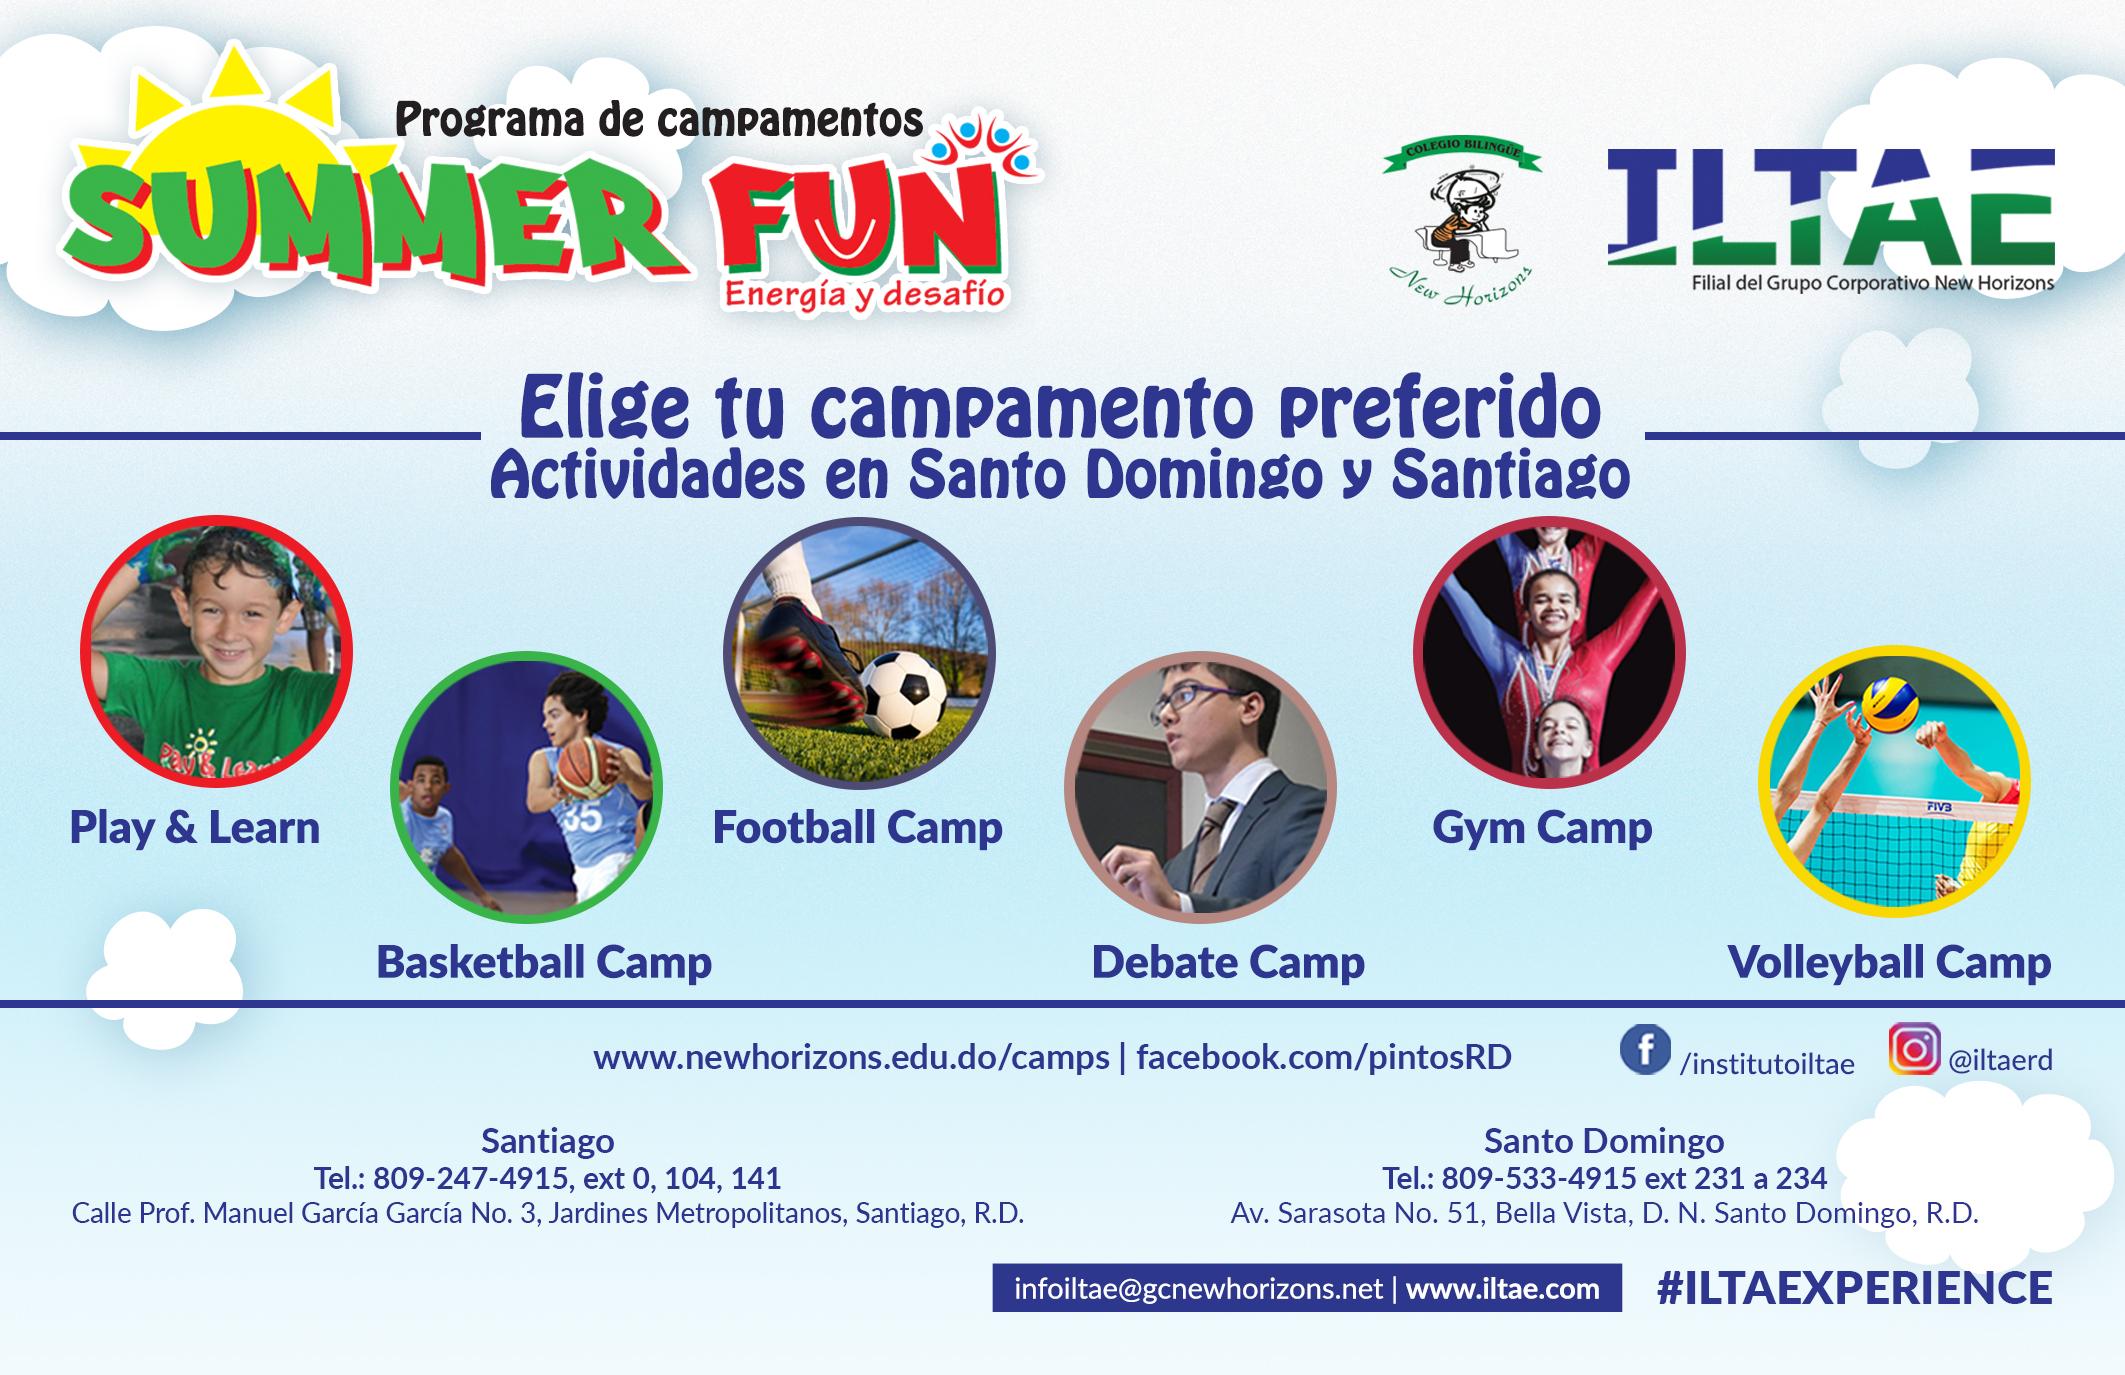 programas de verano summerfun 2018